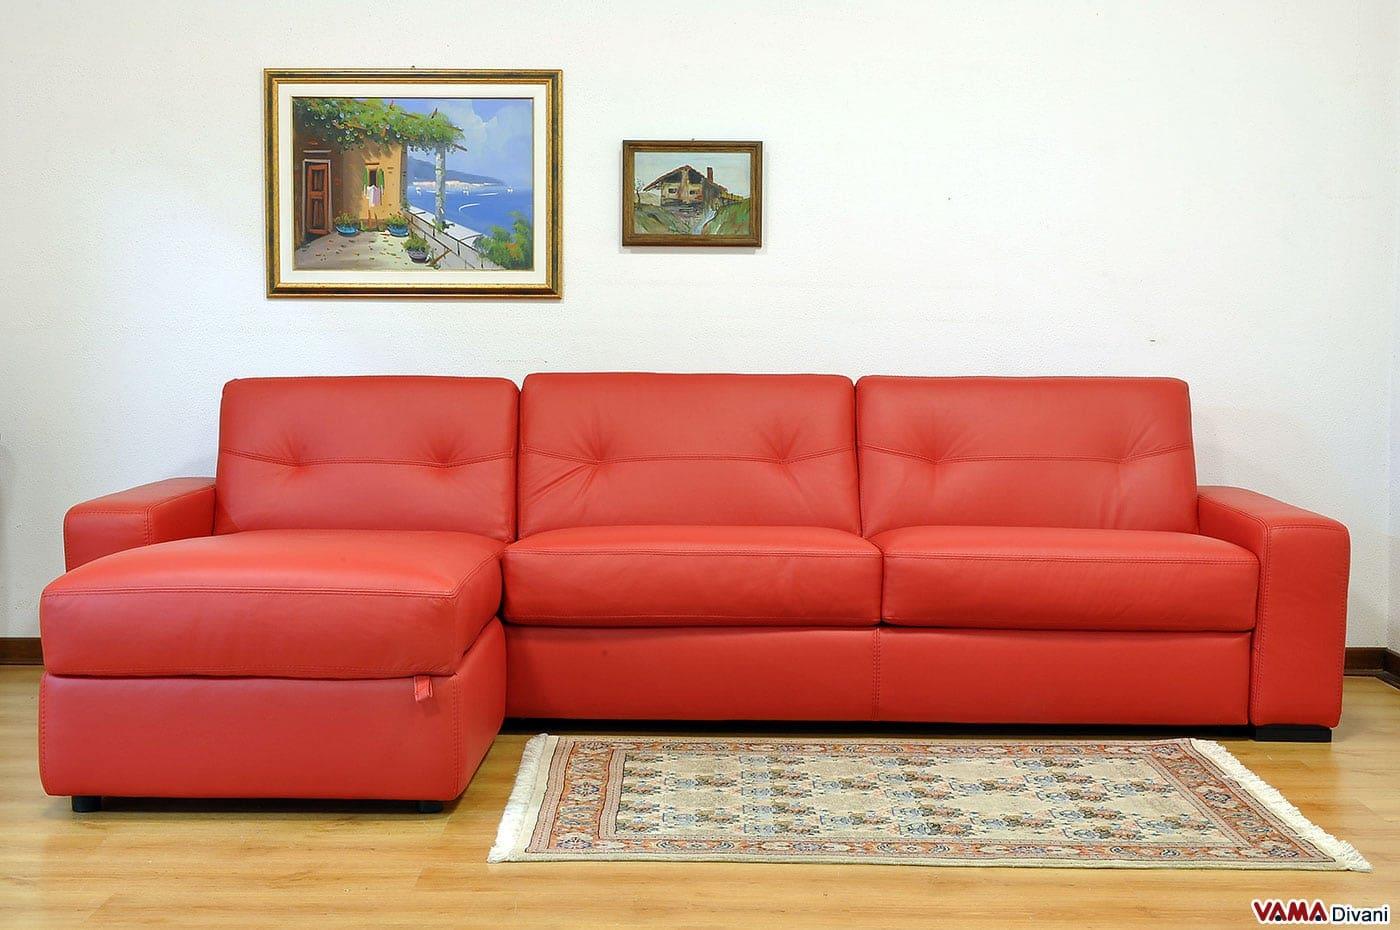 Divano Angolare con Letto Matrimoniale e Penisola Contenitore : divano angolare letto matrimoniale penisola contenitore from www.vamadivani.it size 1400 x 930 jpeg 217kB